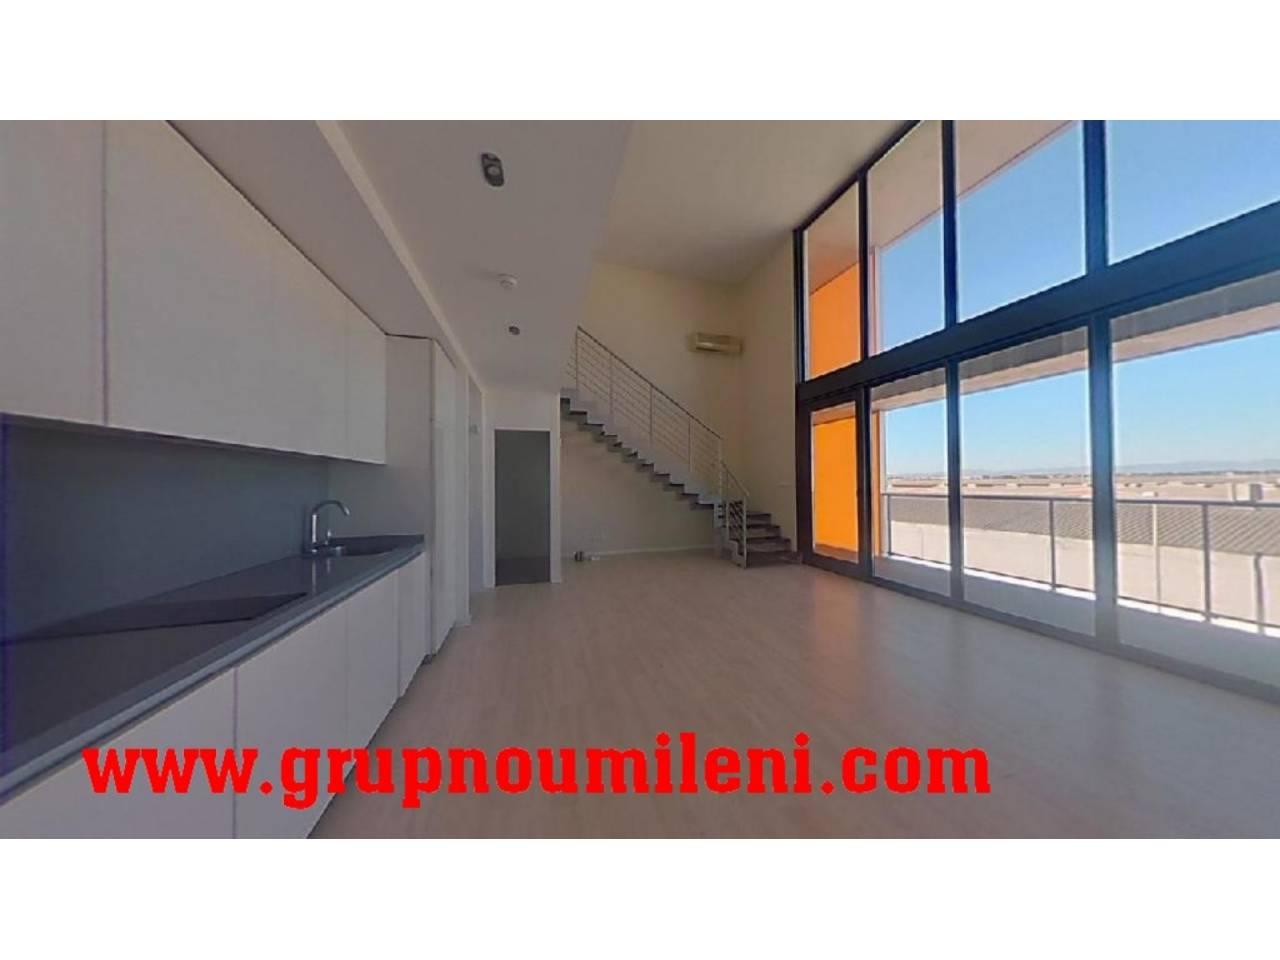 Alquiler Piso  Alameda parc. Altura piso 2º, loft superficie total 93 m², superficie útil 70